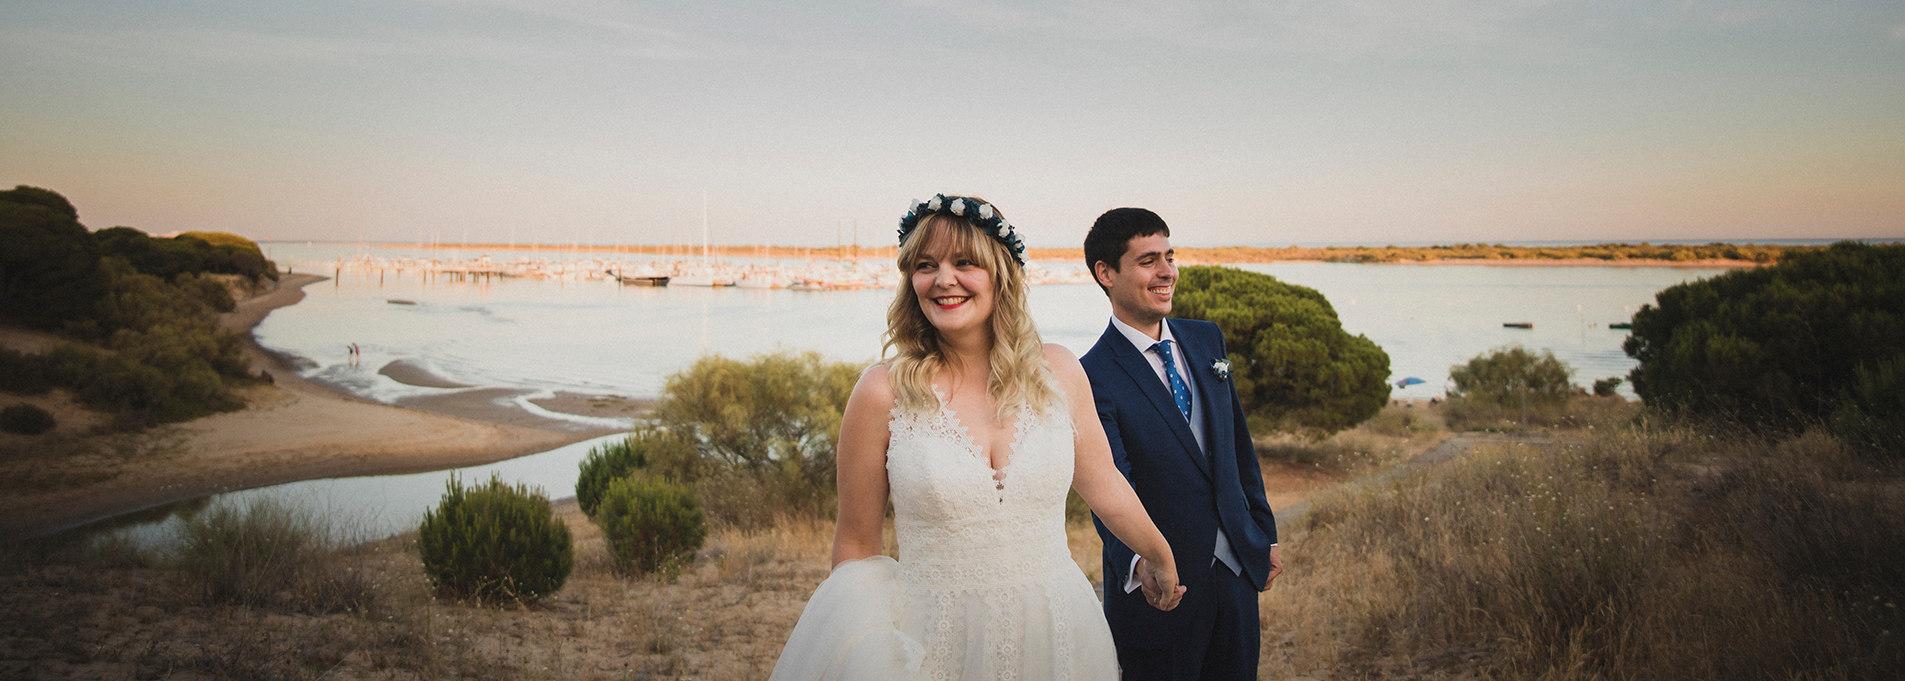 Estrella Diaz Photovisual. fotografo bodas badajoz merida sevilla landing18